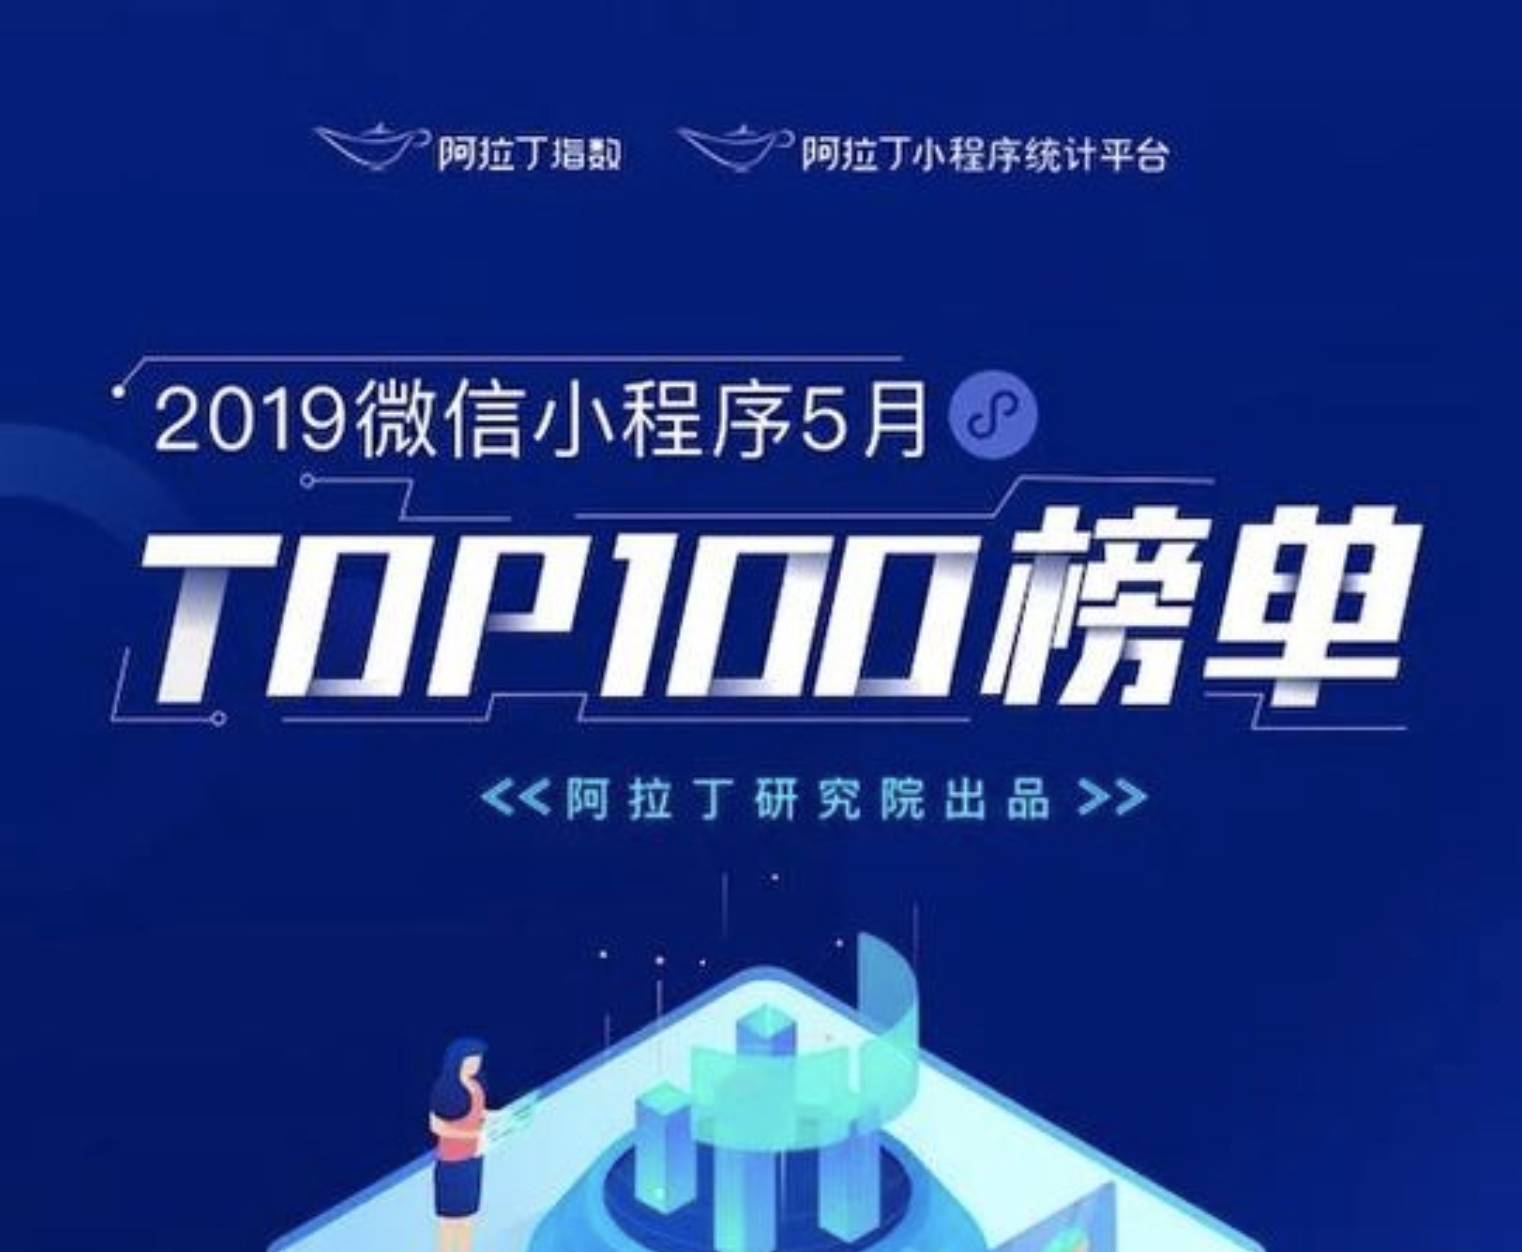 2019年5月微信小程序TOP100榜单:小程序多领域改变中国商业格局